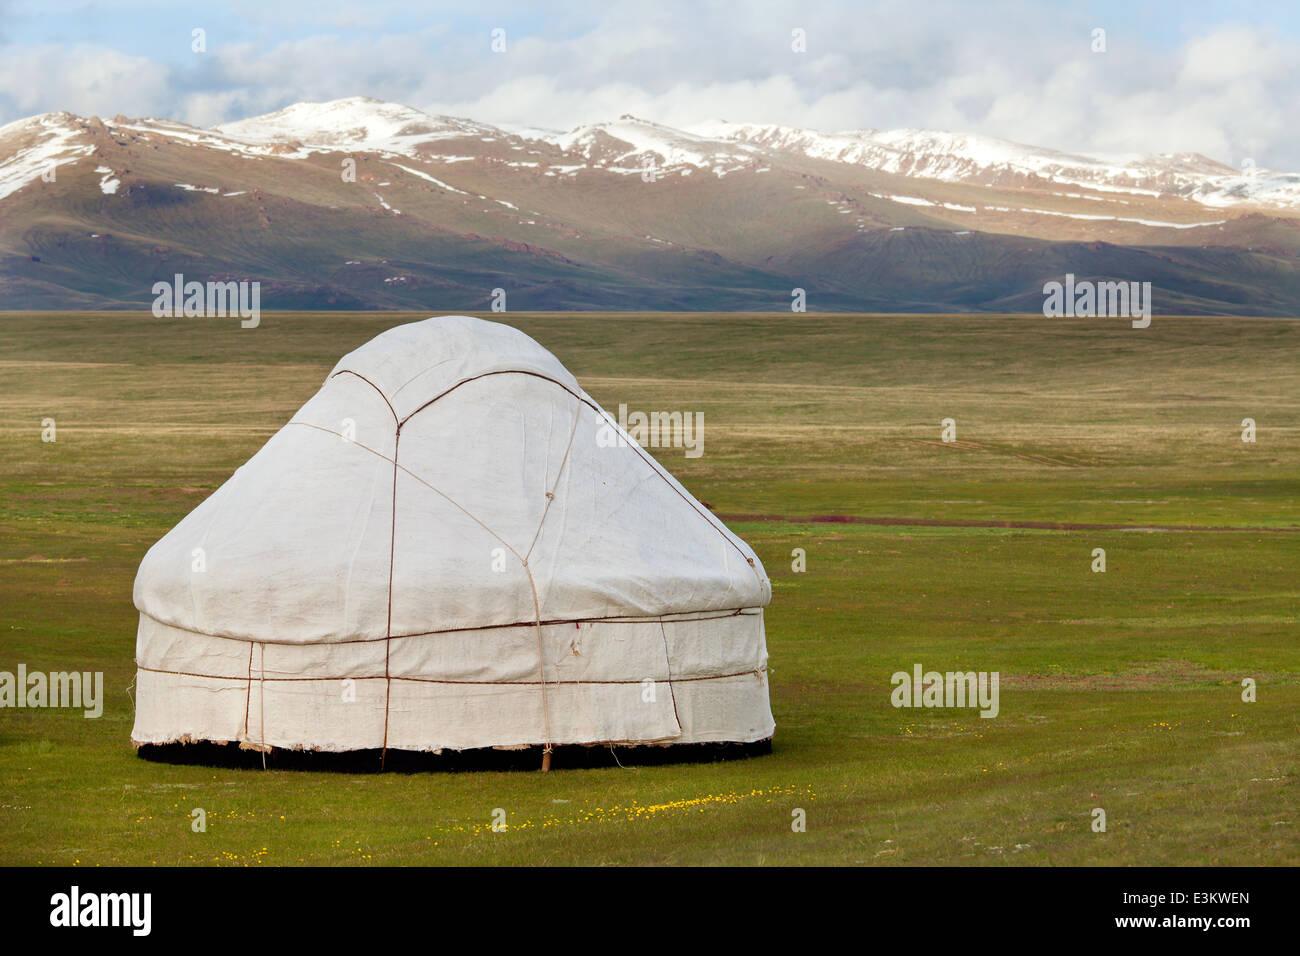 Yurt stockfotos yurt bilder alamy for Mandukhai houdilcourt